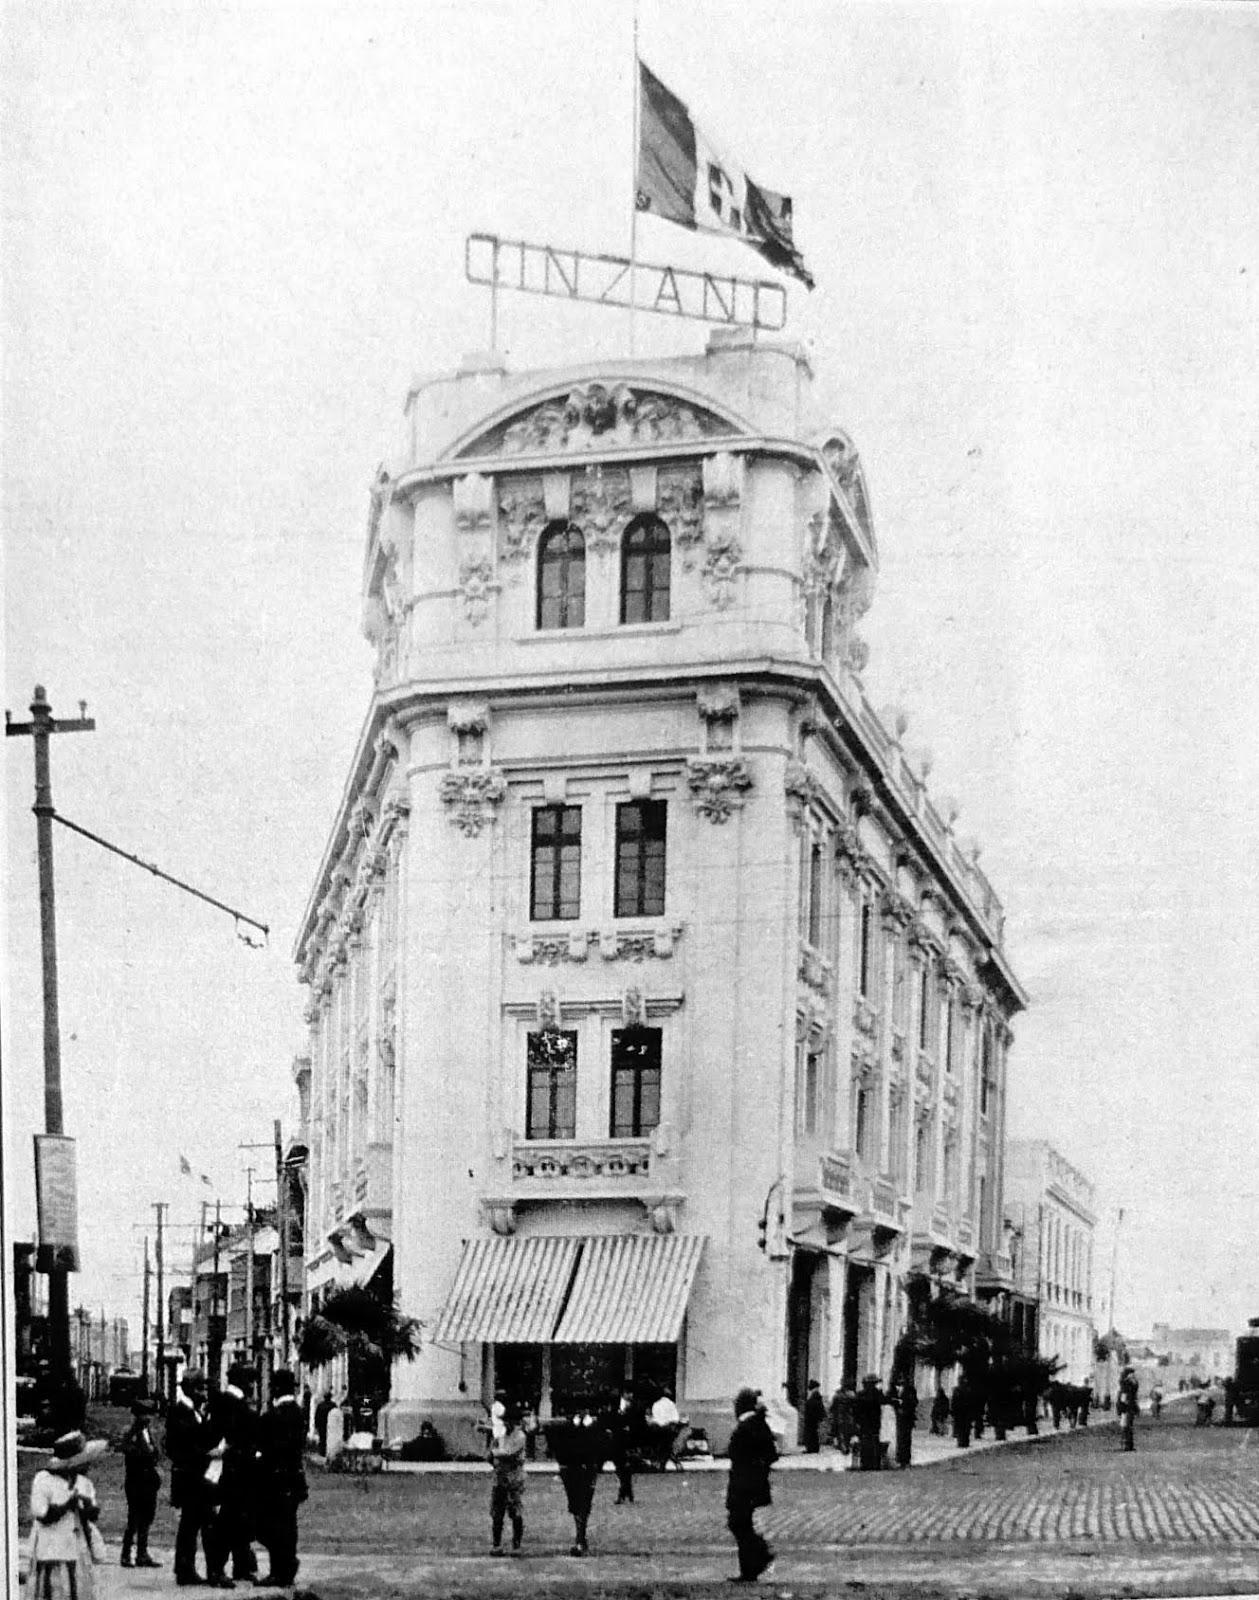 Una moda que sí incomoda: la crinolina (1850-1860) | Rincón de historia  peruana